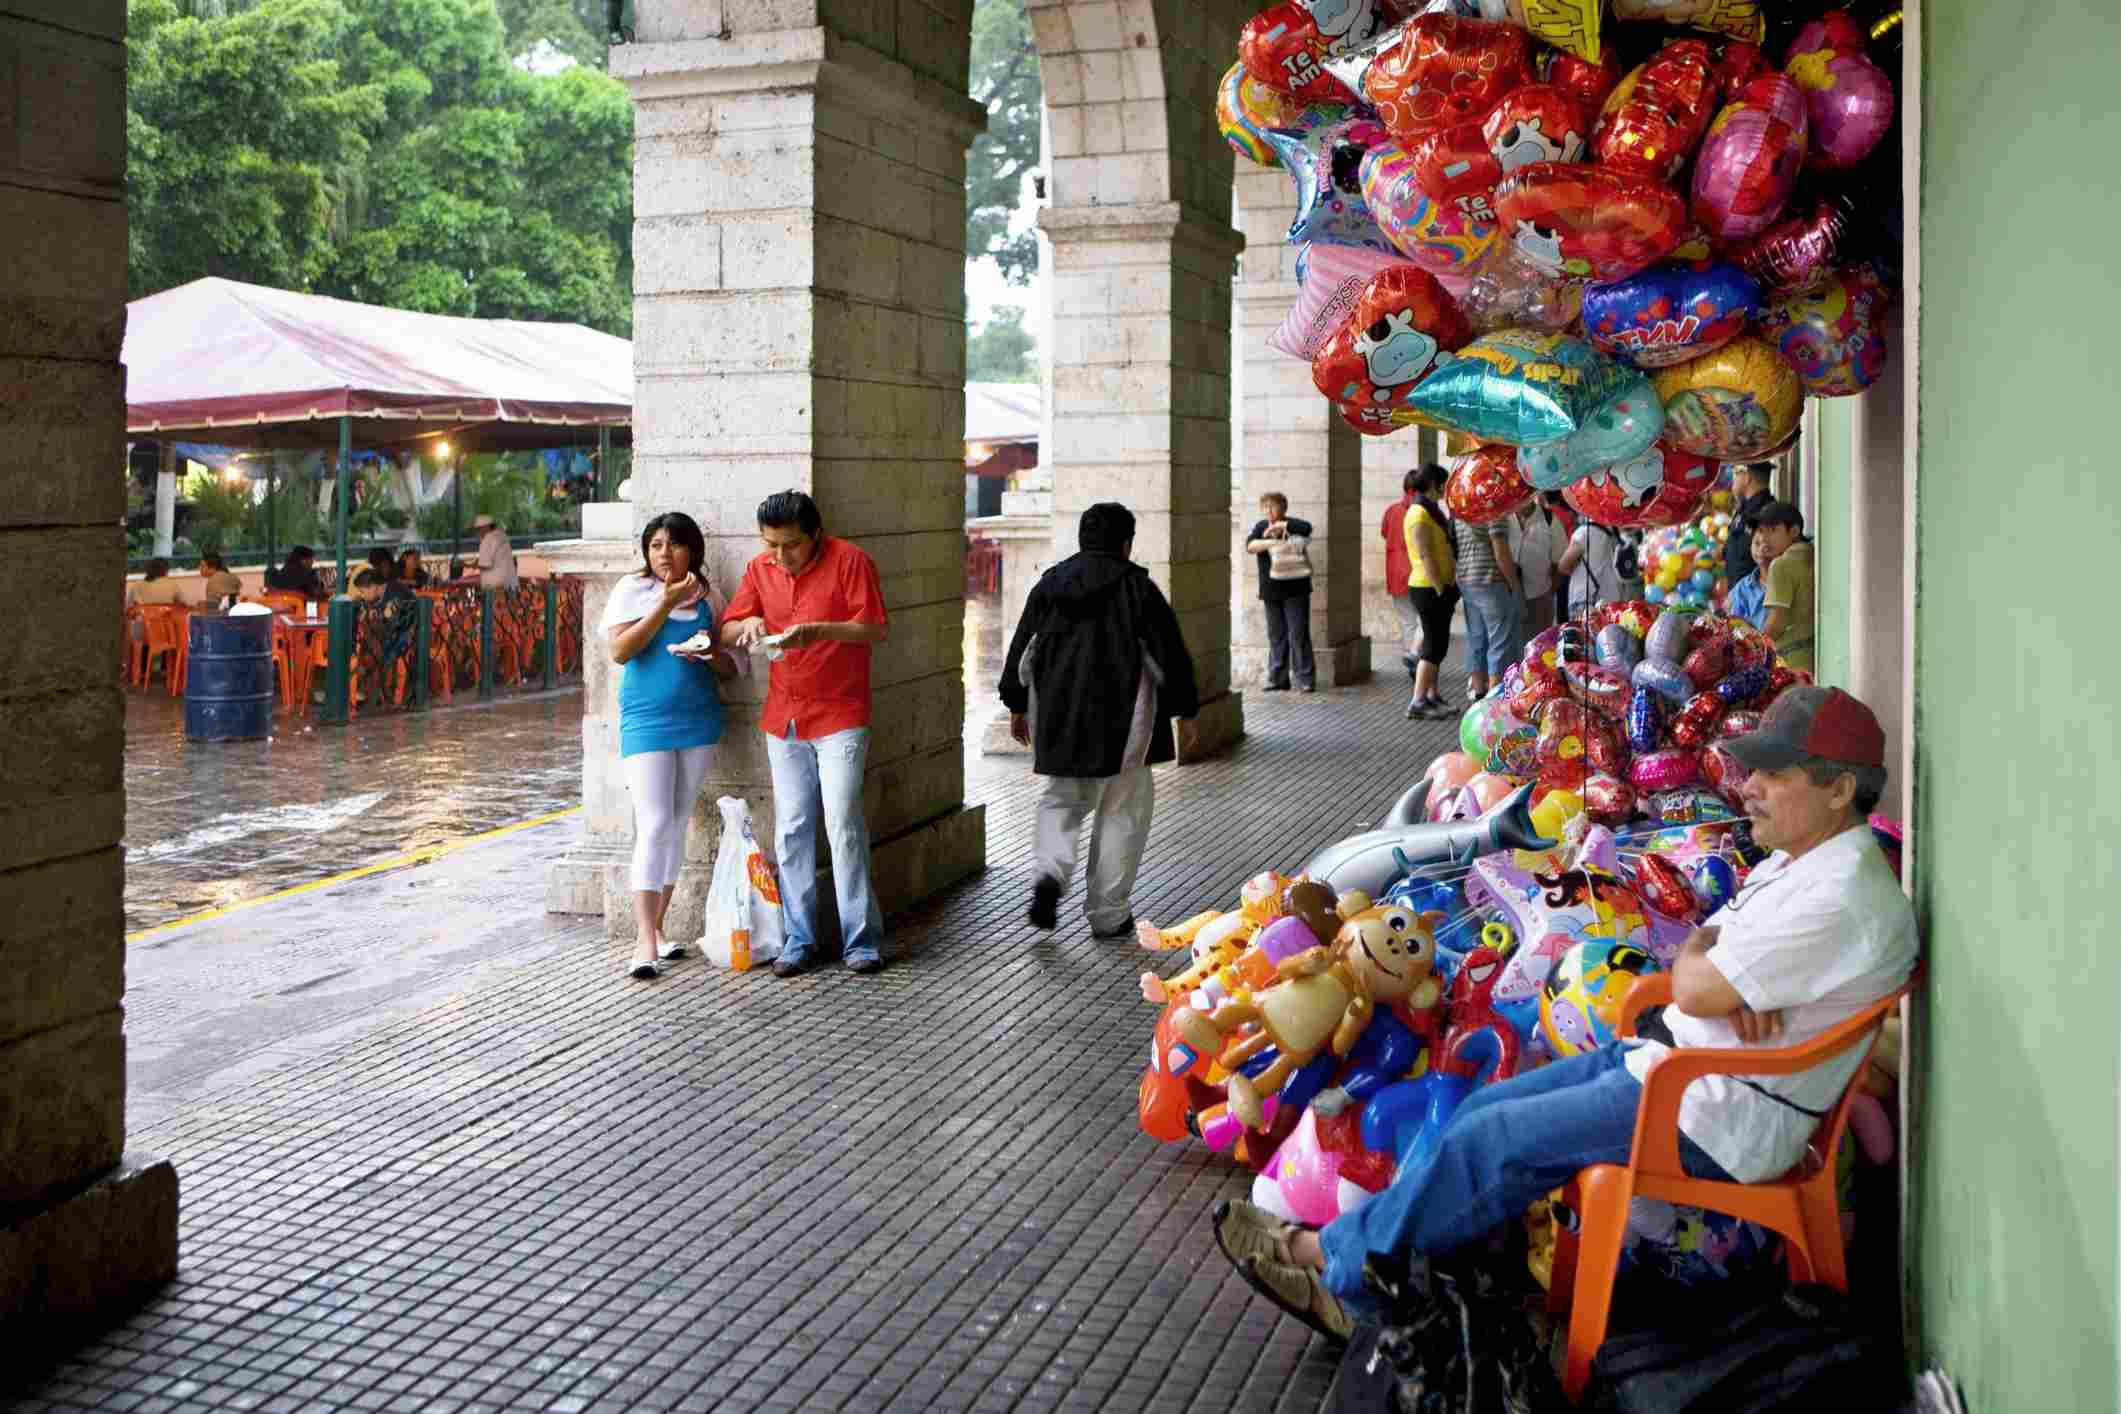 Balloon seller in Mérida, Yucatan